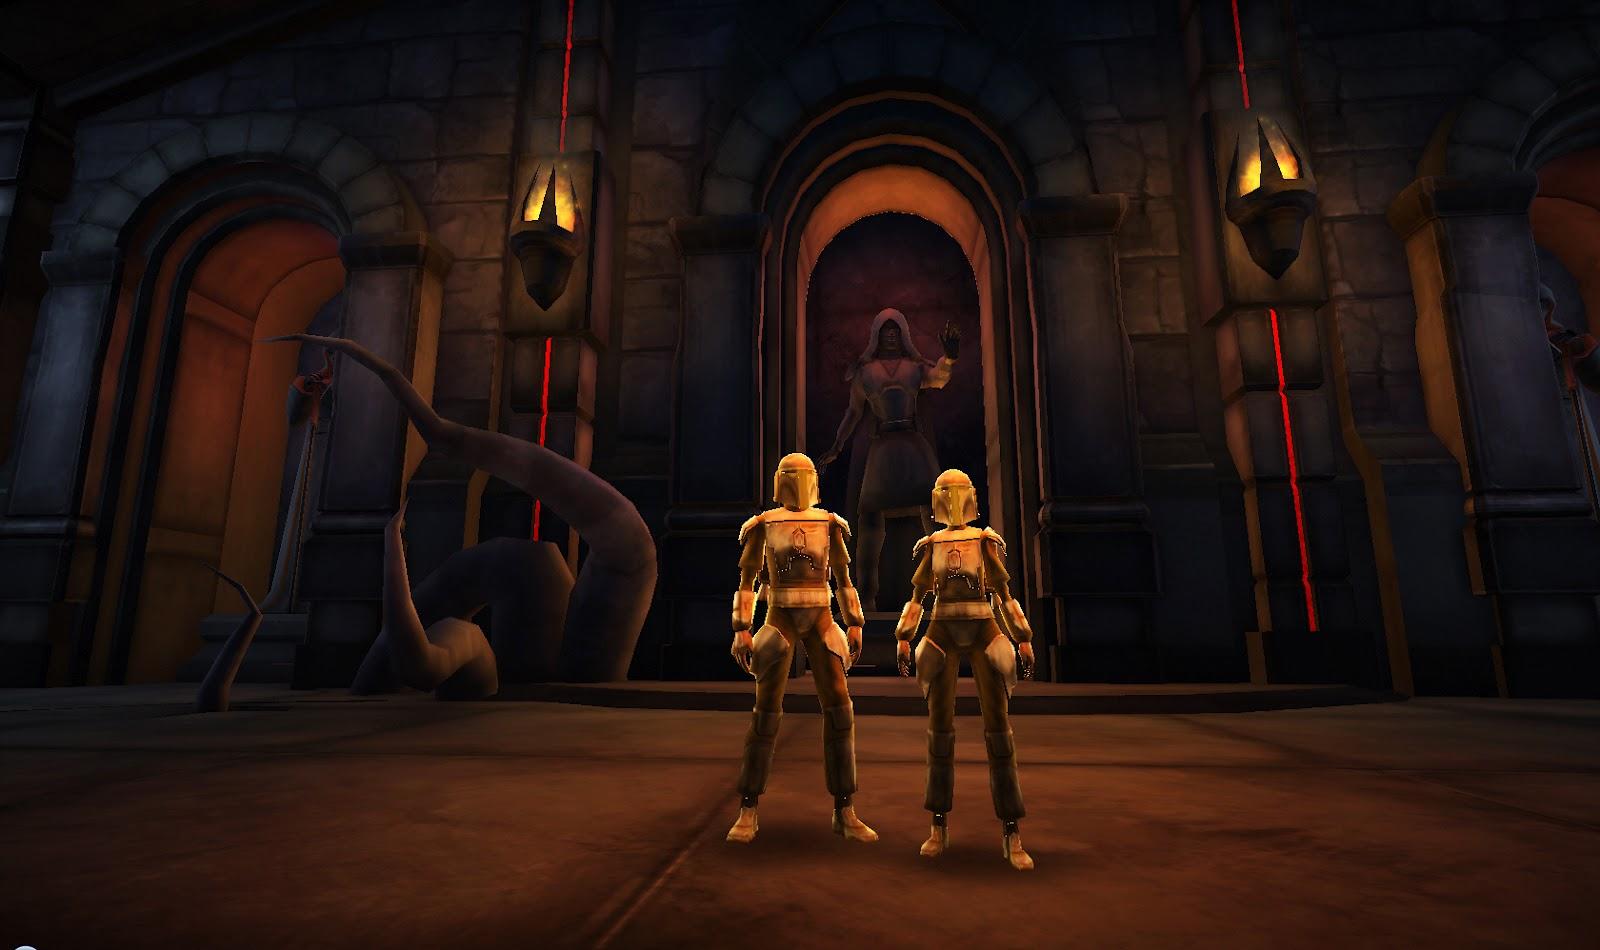 Star wars porn games kostenlos online hentai toons